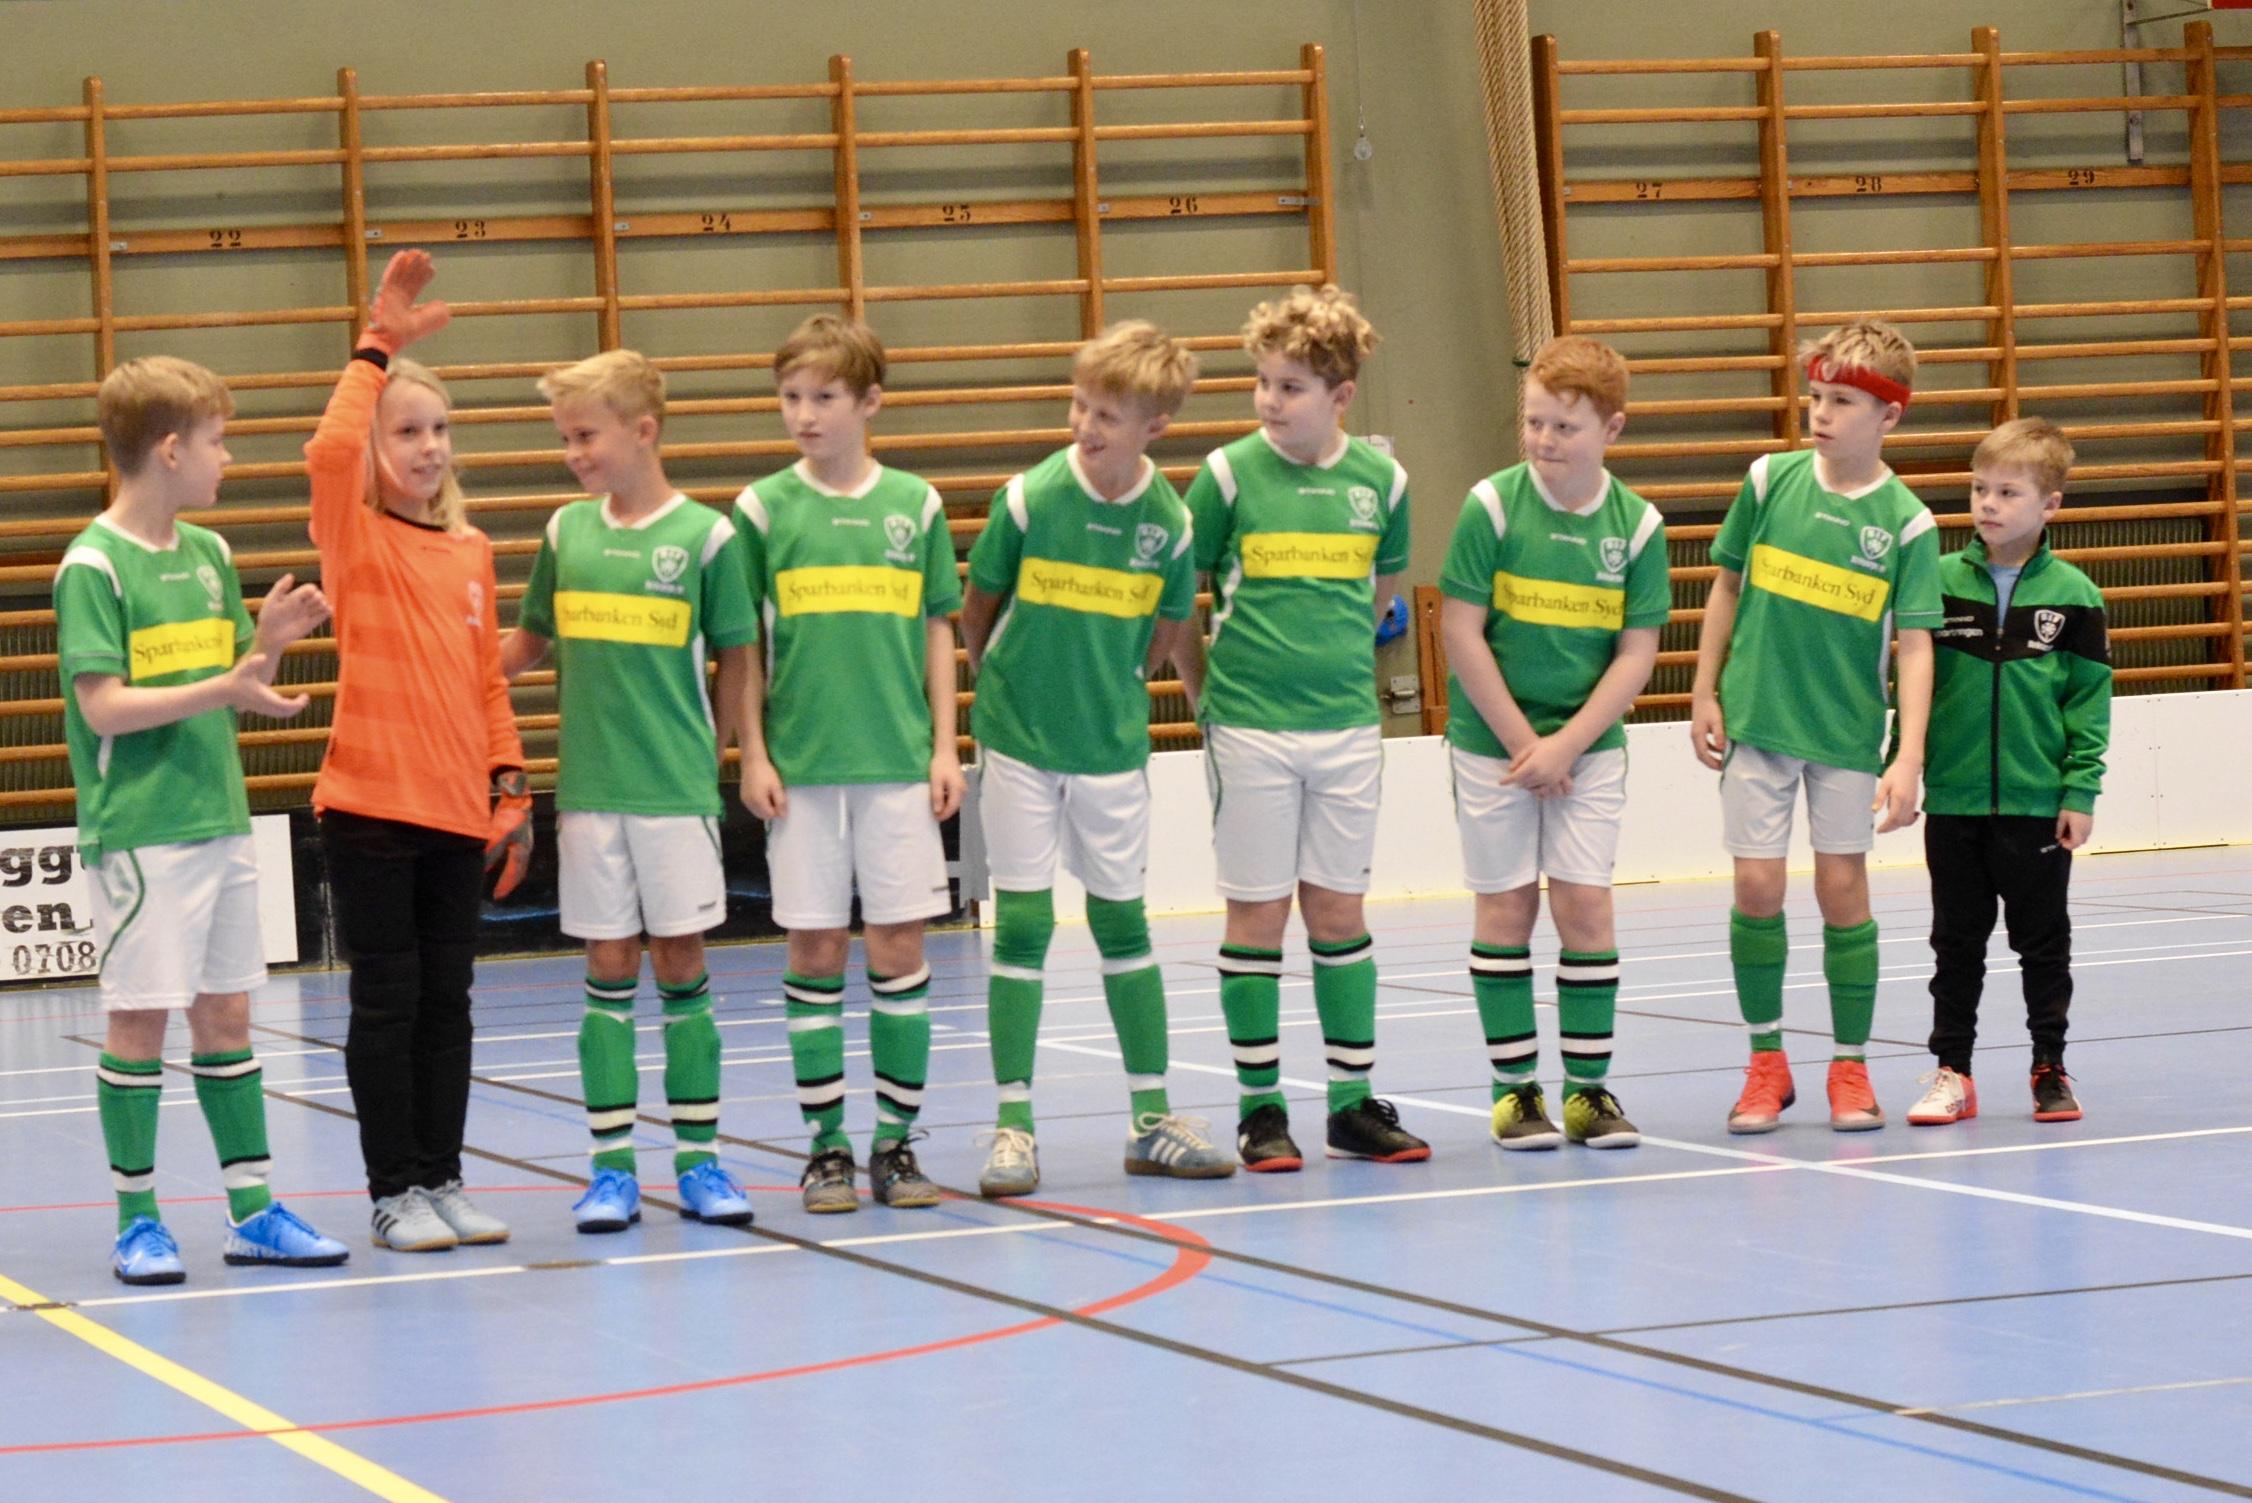 DSC 3225 österlen.se